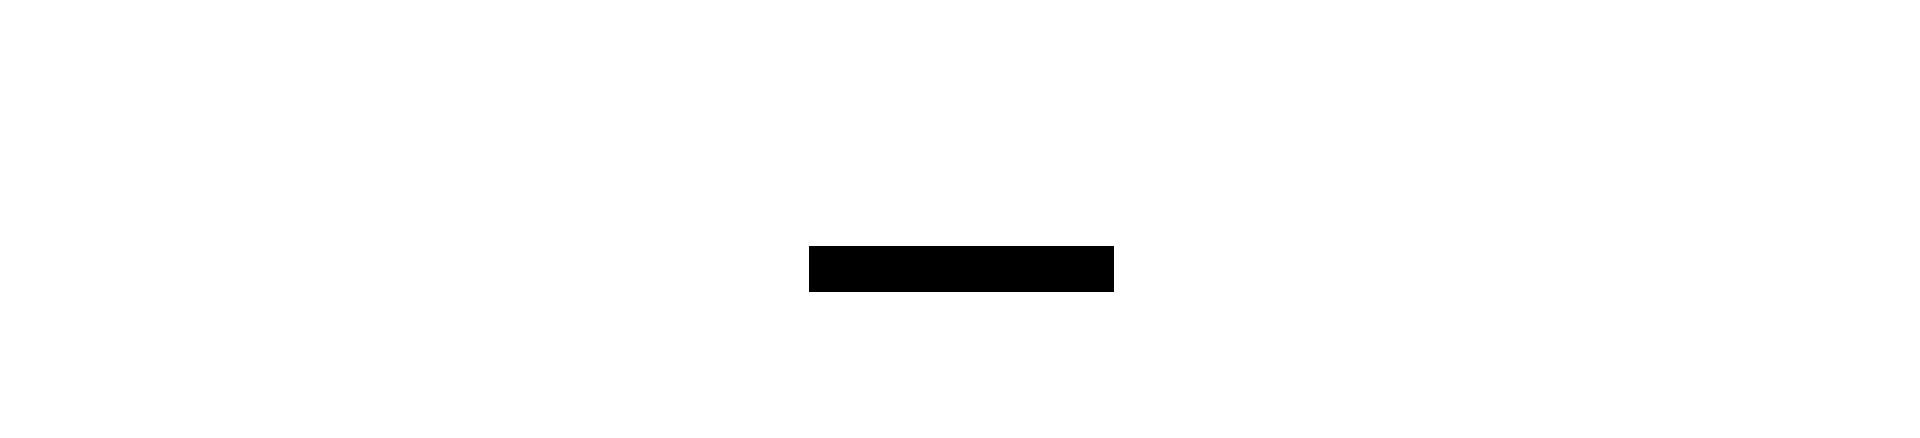 LepageIllus-copie-12